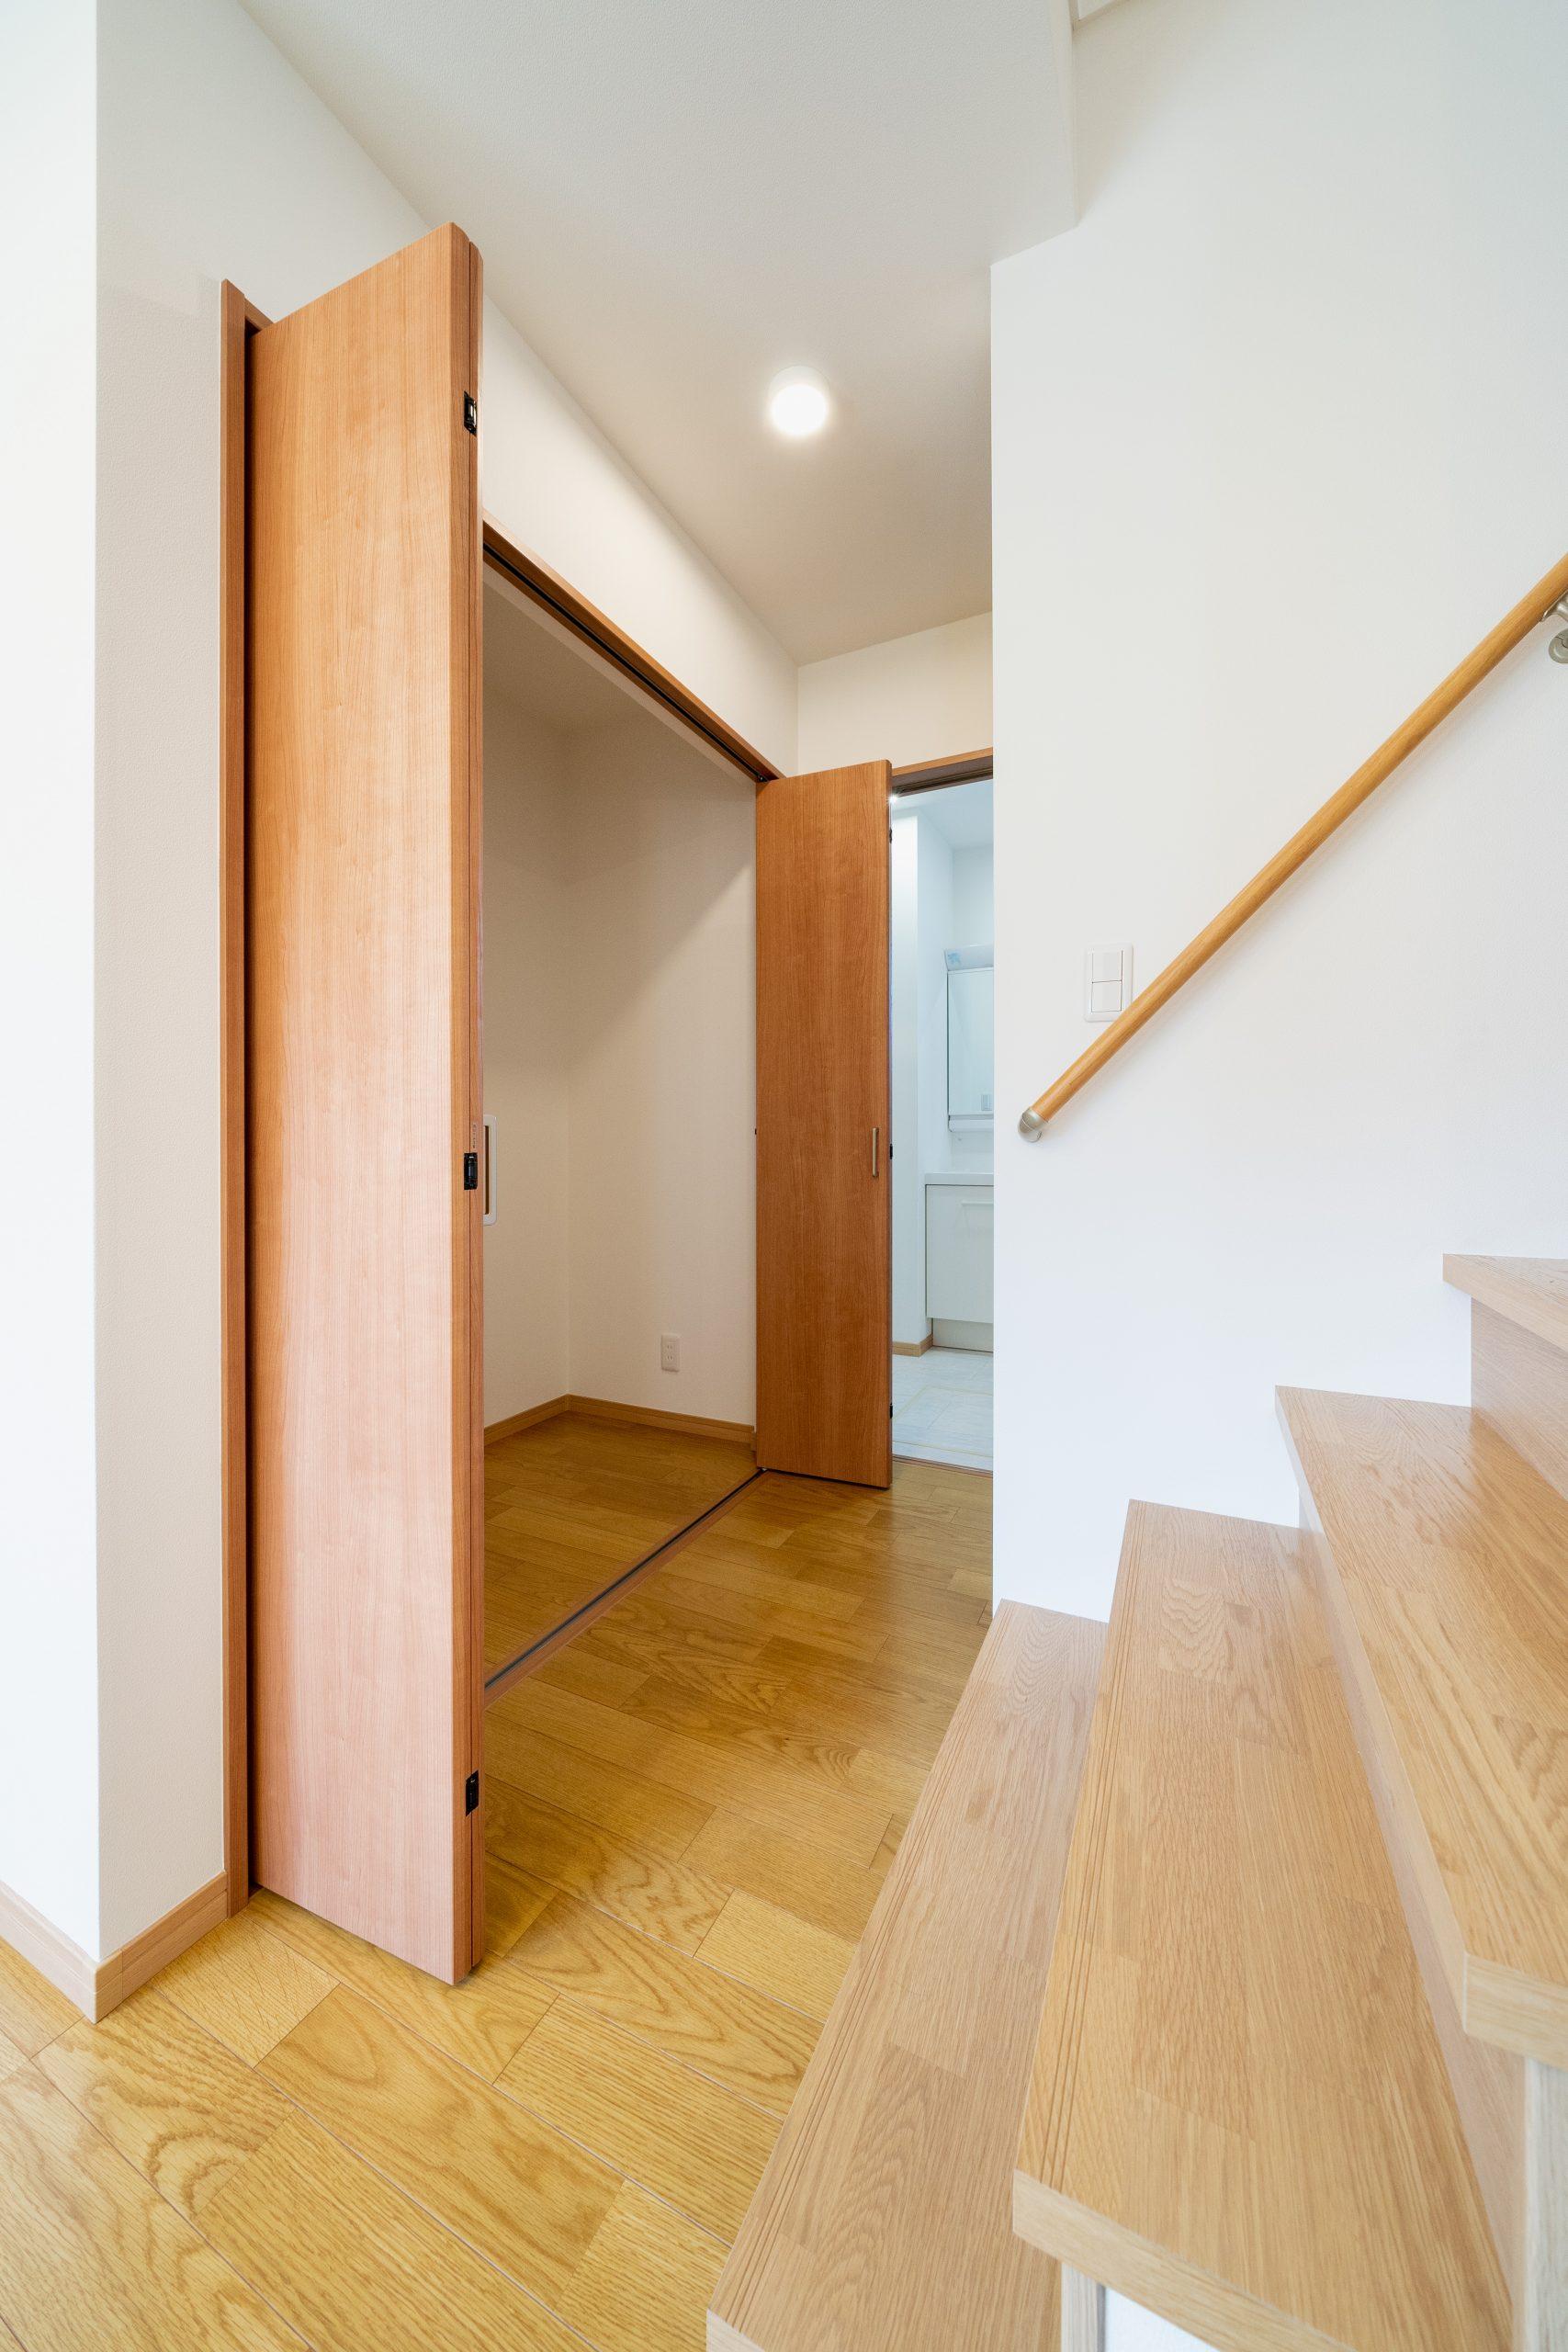 大分市片島の新築建売住宅はキッチン横にもクローゼットがあります。